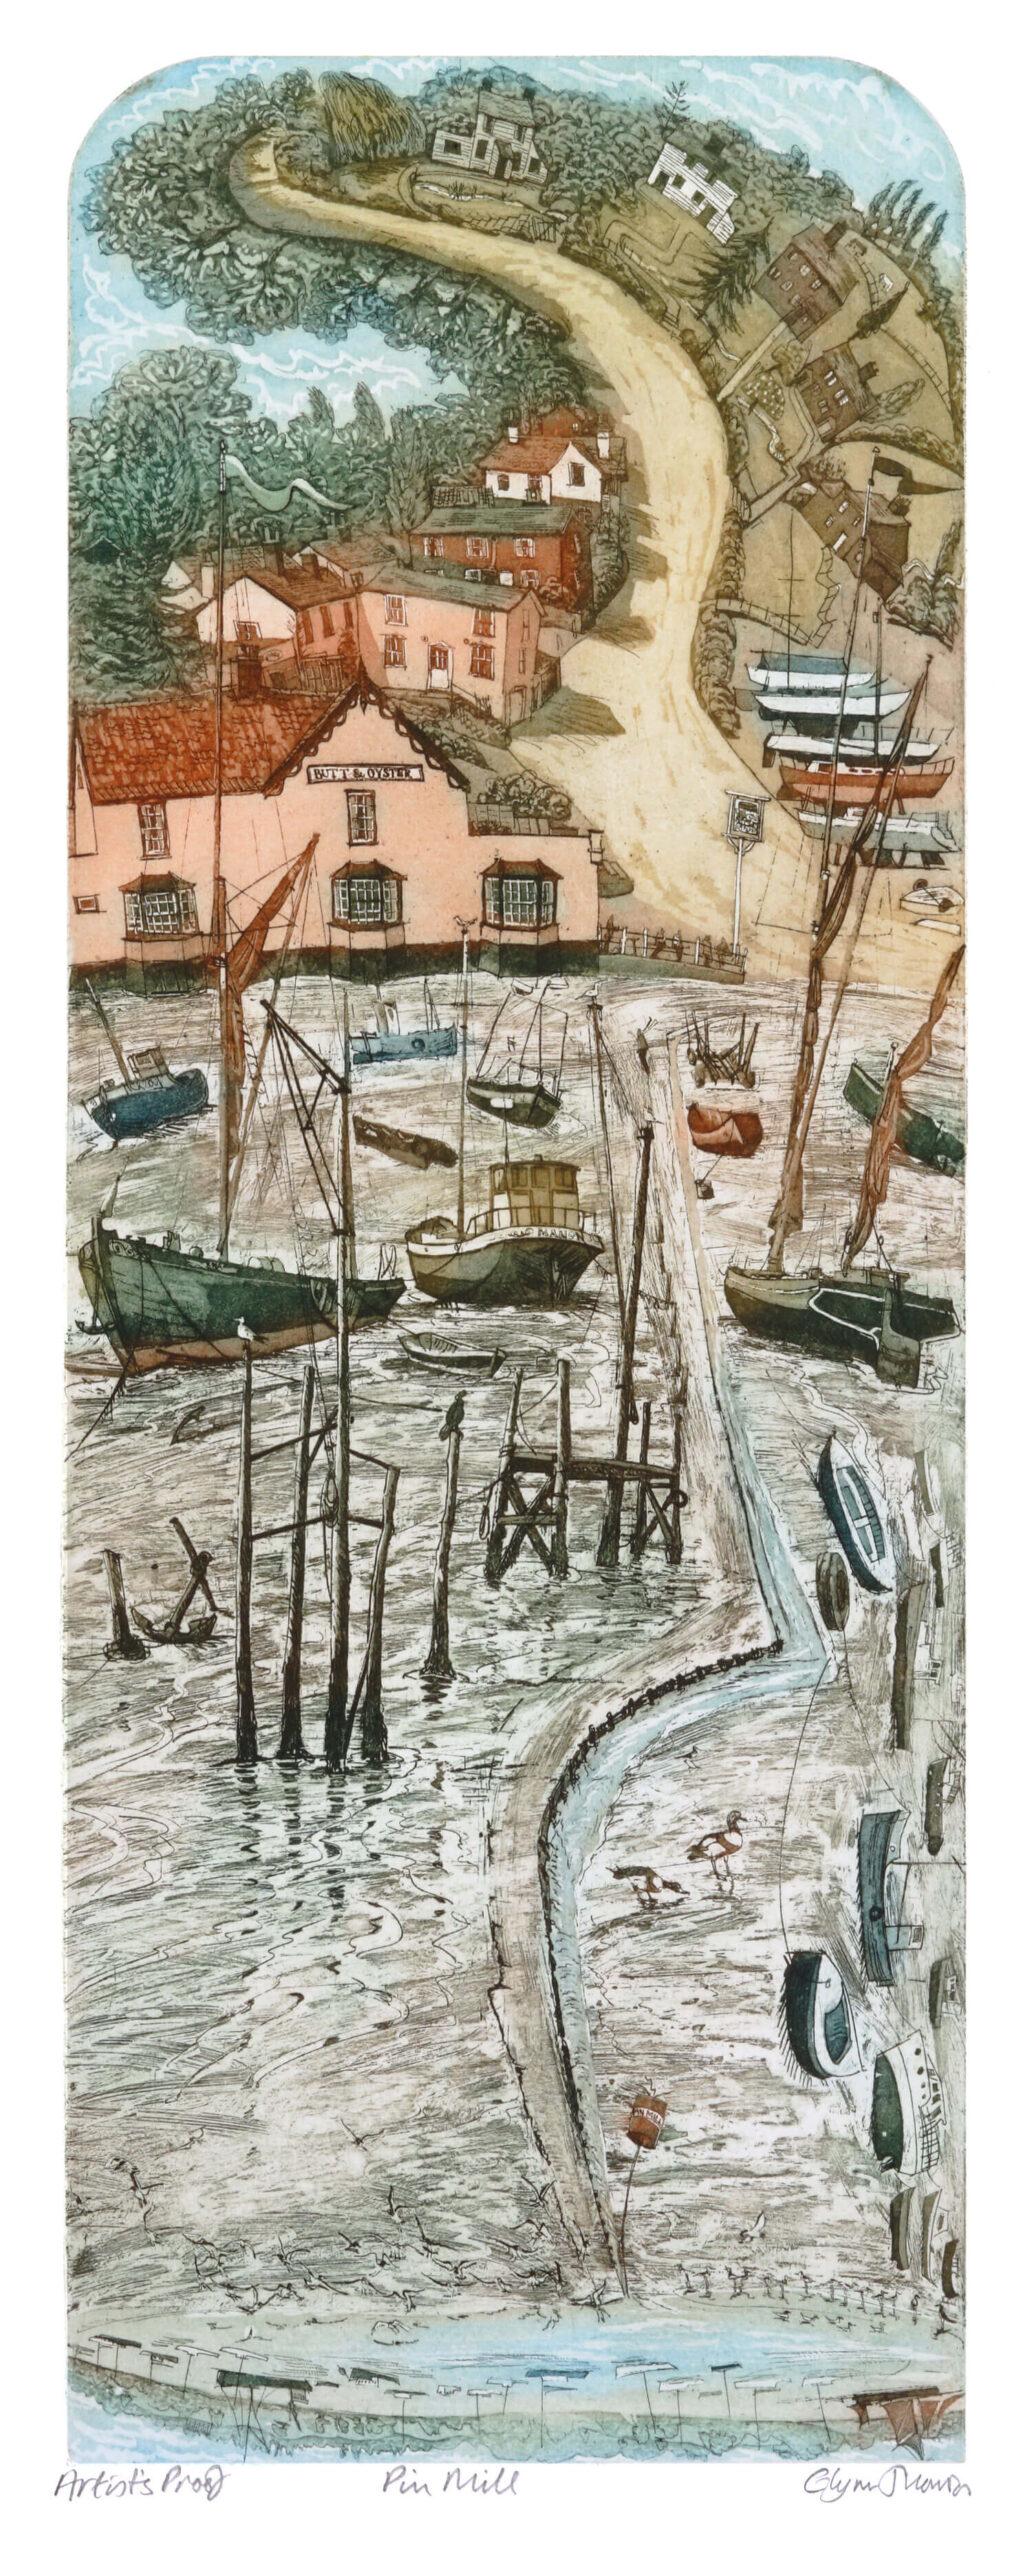 Pin Mill, an etching by Glynn Thomas